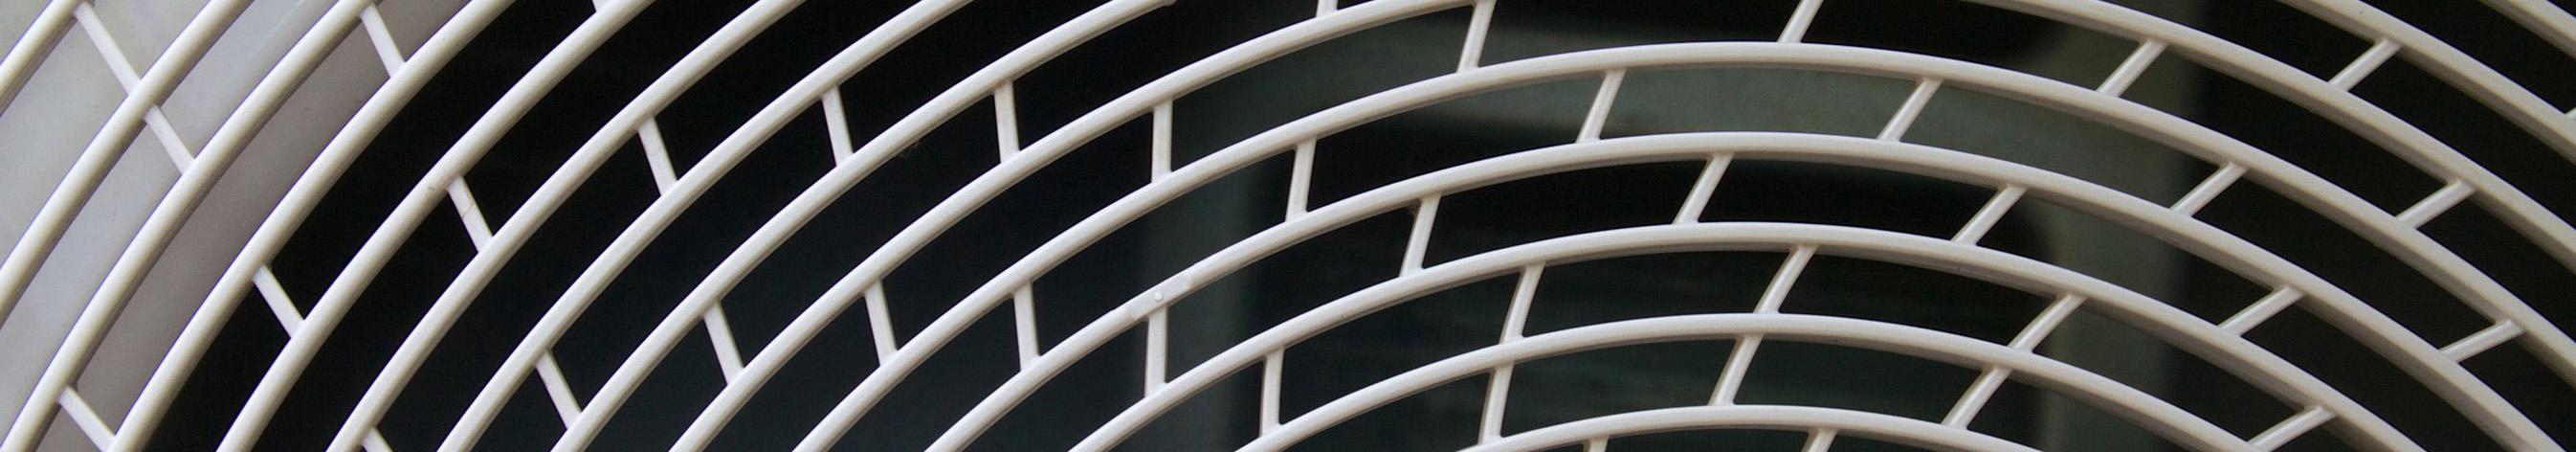 Датчики давления для систем отопления, вентиляции и кондиционирования HVAC Управление вентиляторами Контроль состояния воздушных фильтров Управление насосами контура охлаждающей воды Устройства автоматики и контроля